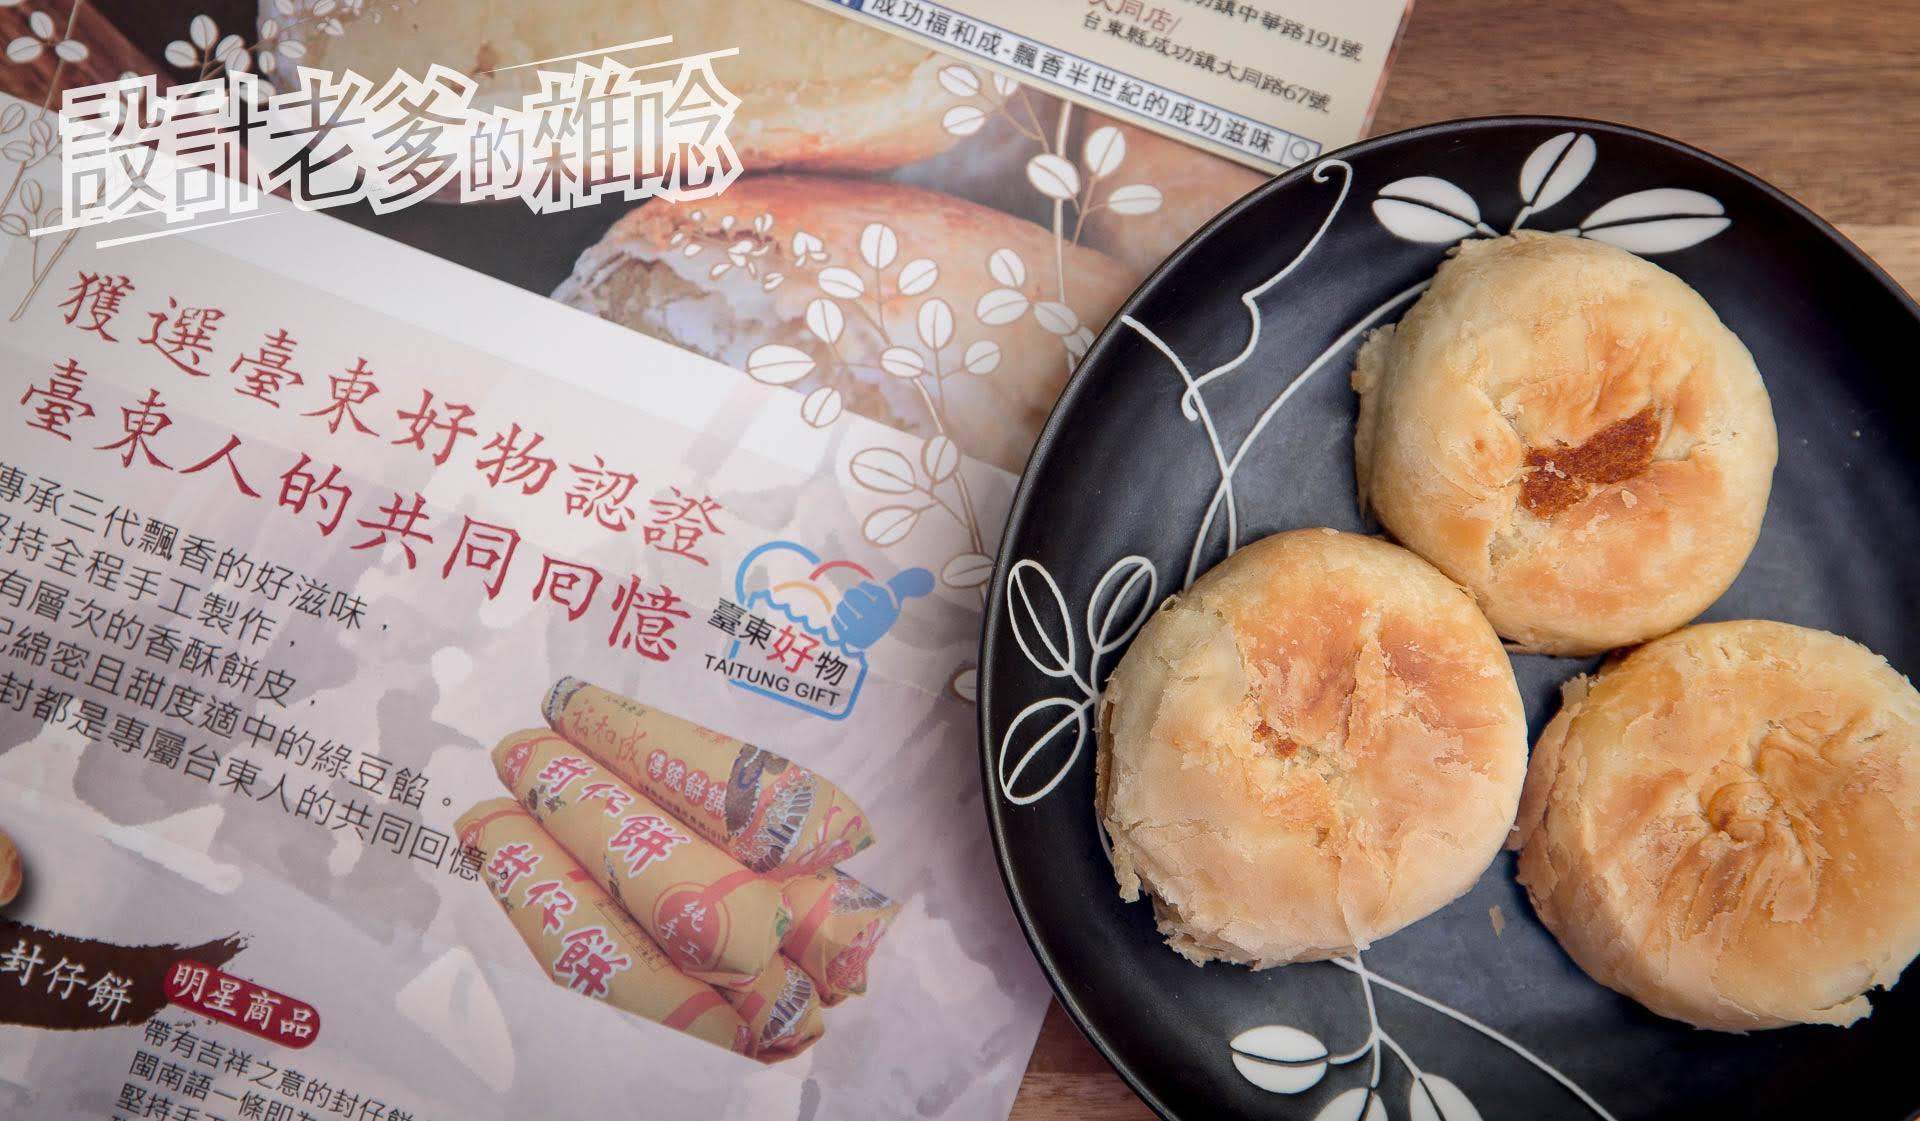 來試試一種不叫月餅的月餅...台東福和成糕餅店的封仔餅